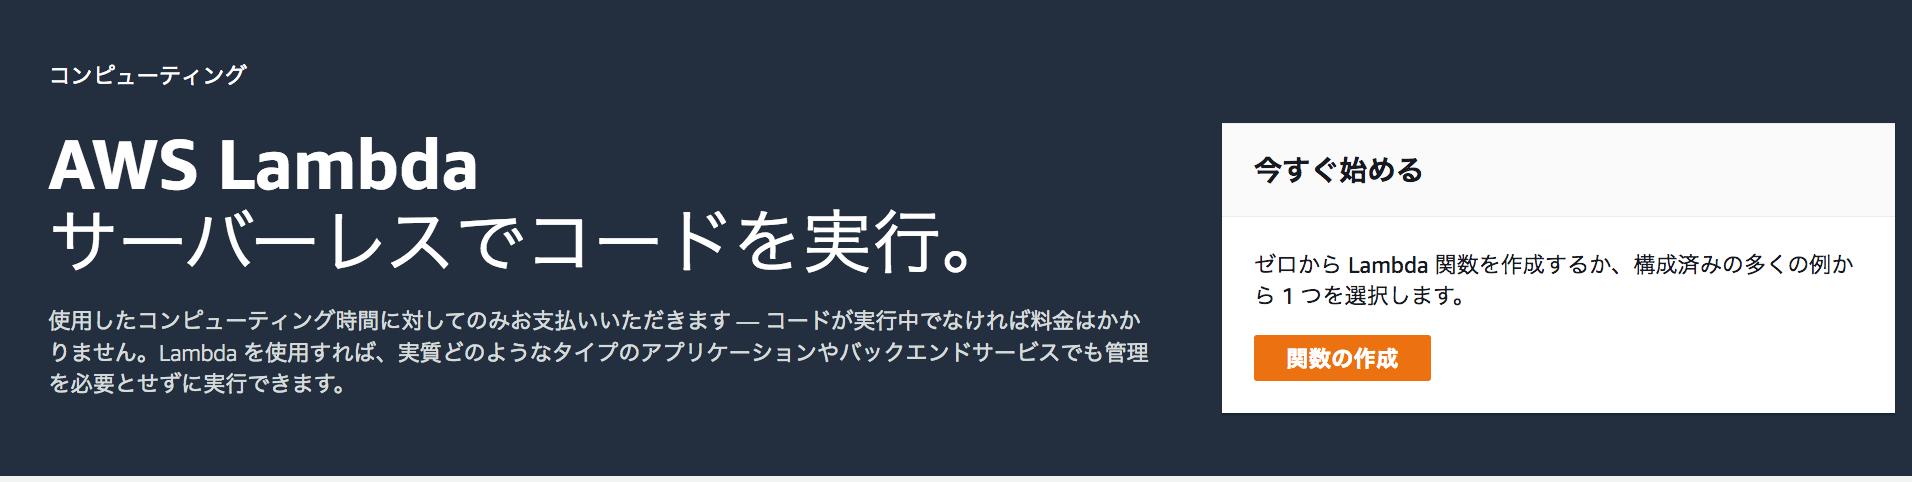 re:Invent 2018 新機能!LambdaのCustom Runtimesを試してみた